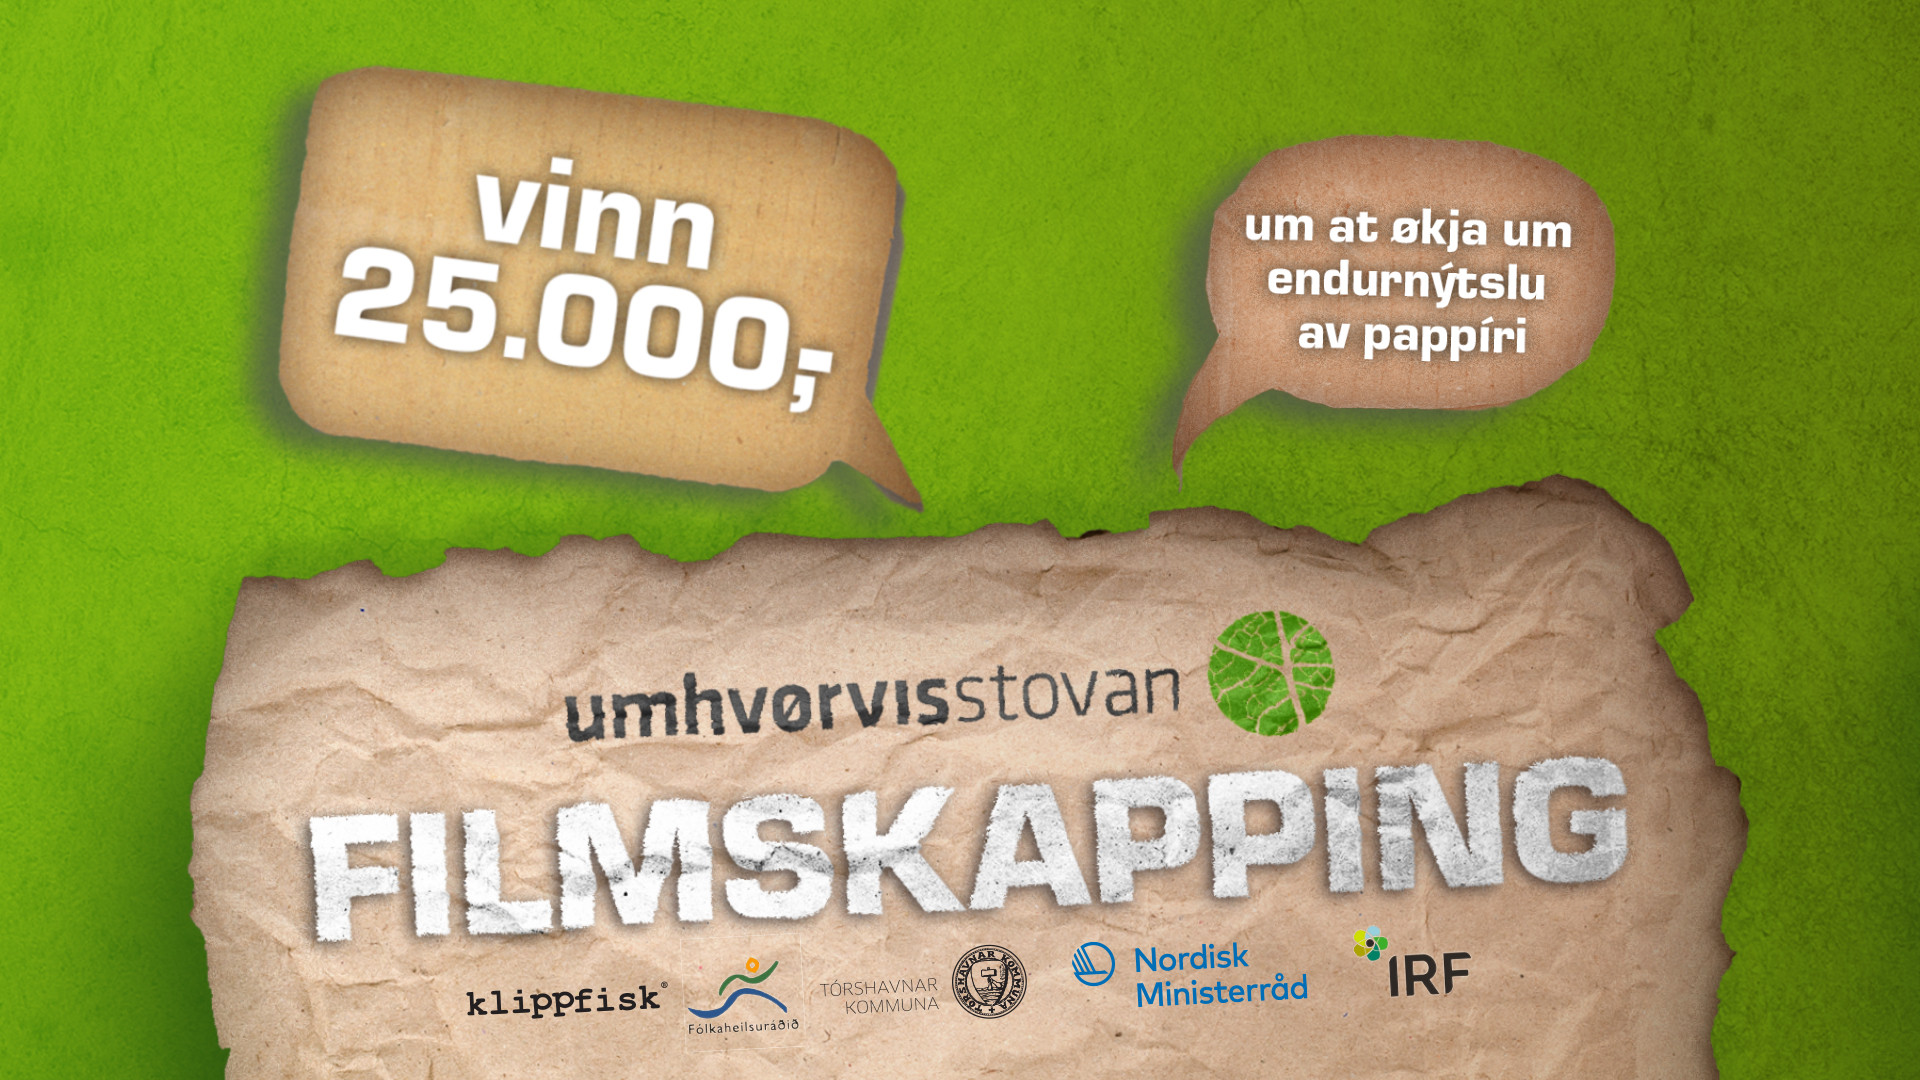 Umhvorvisstovan_filmskapping1920x1080